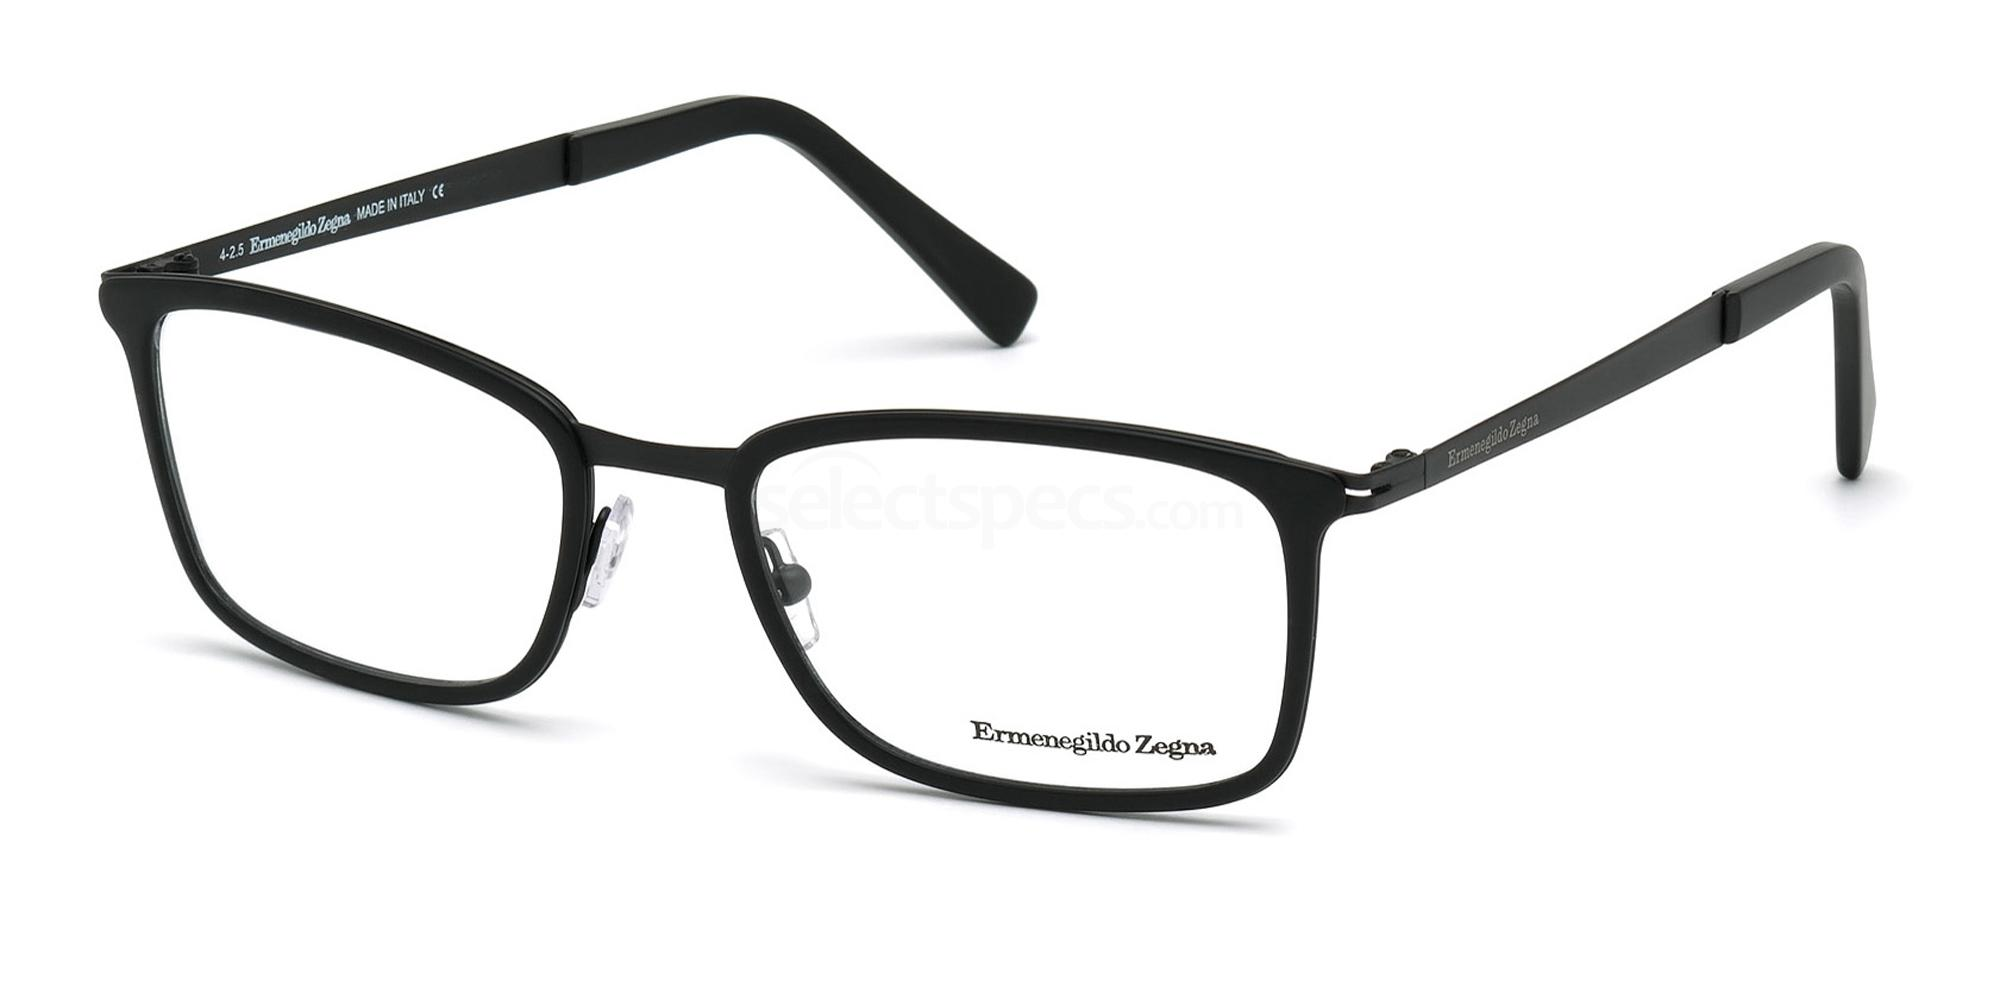 002 EZ5047 Glasses, Ermenegildo Zegna